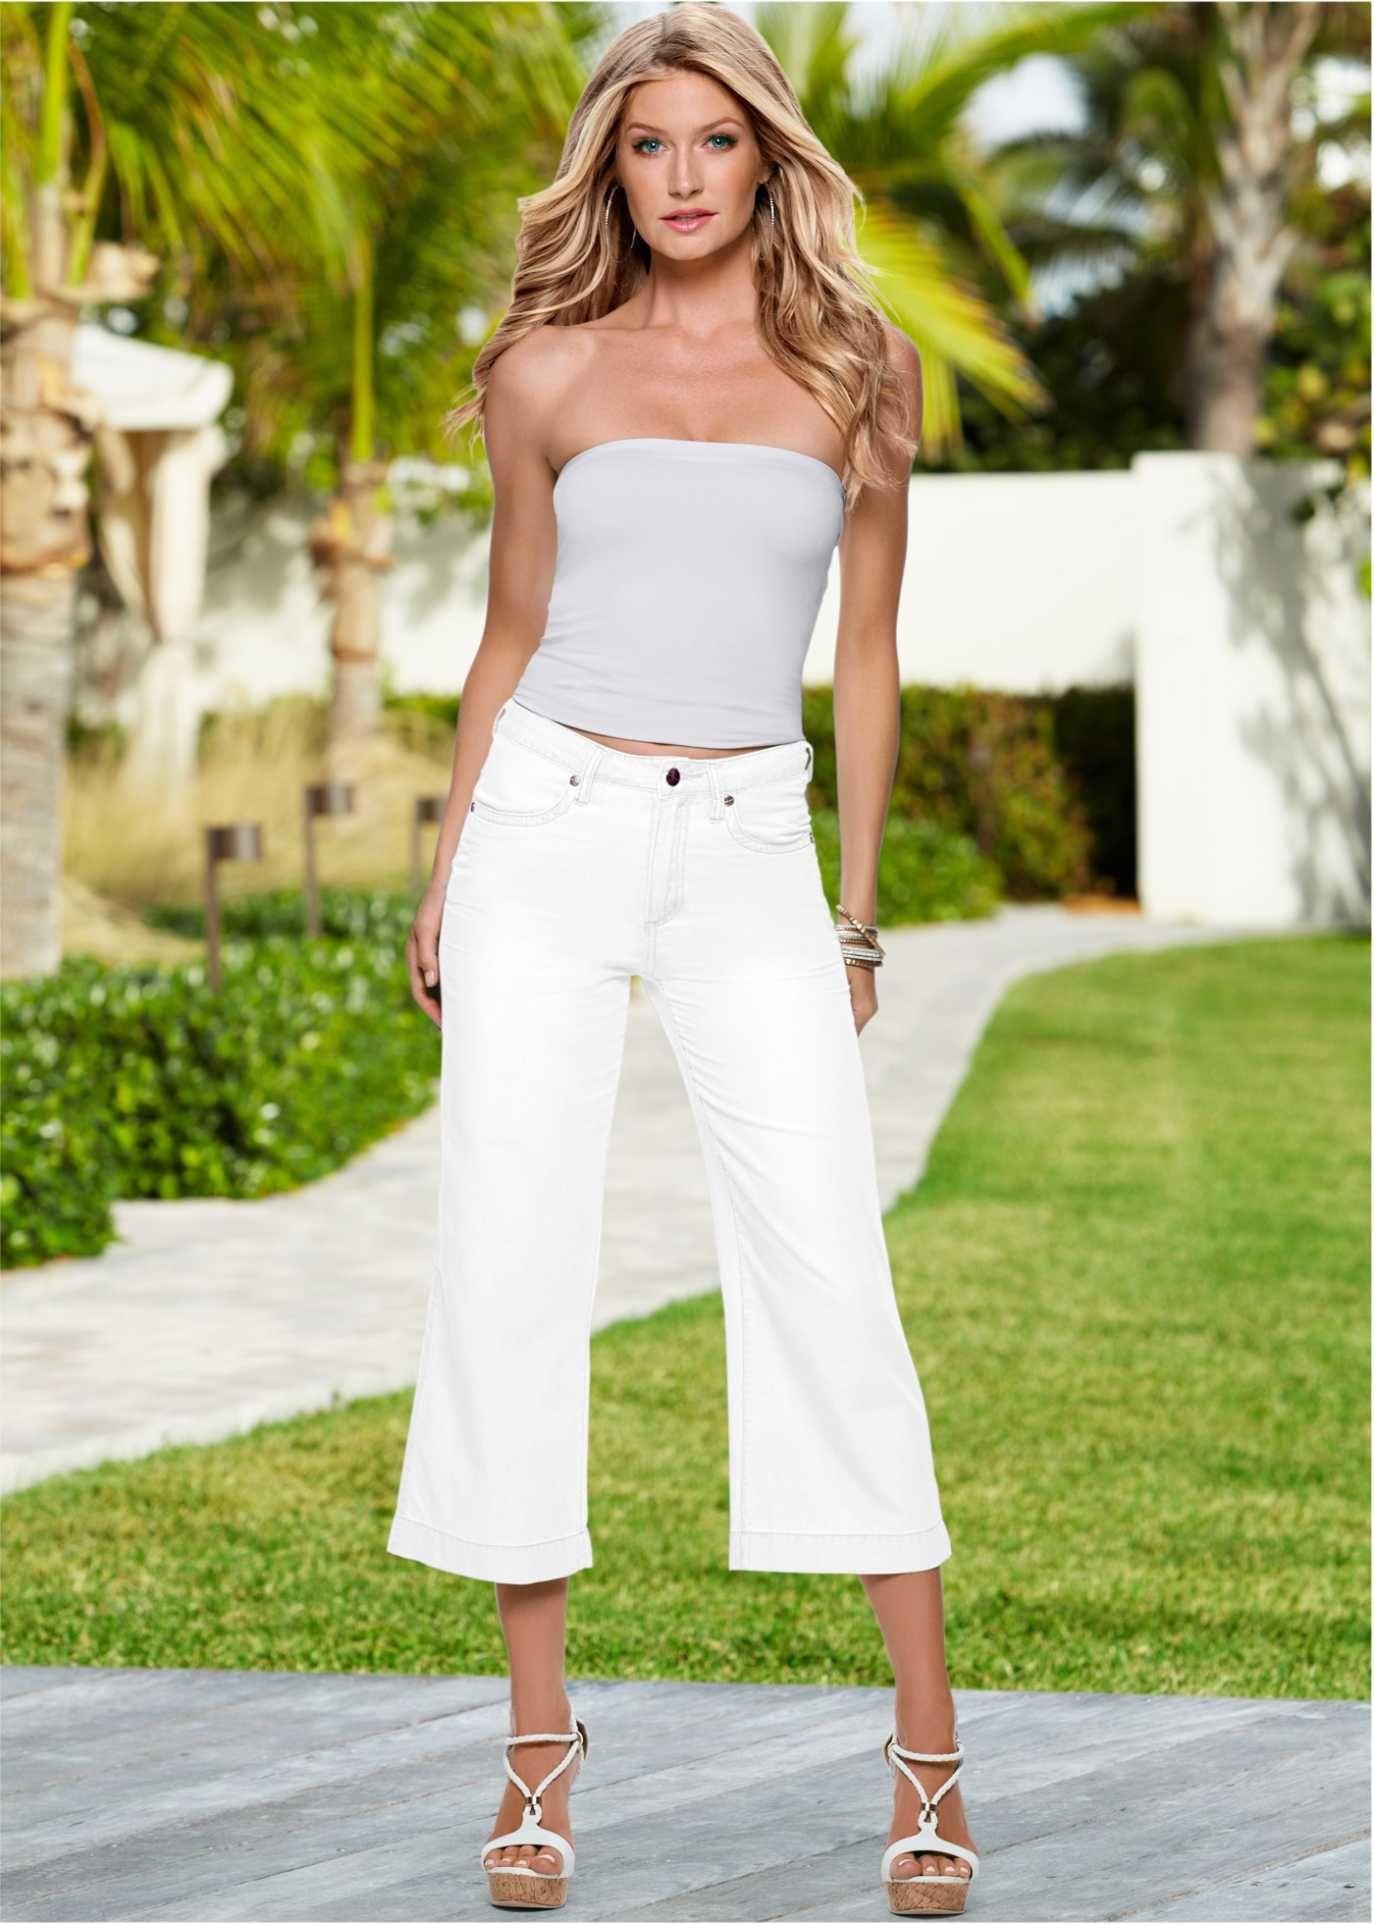 d84d0e490 Veja agora:Calça pantalona curta ou culotte. Mais conhecida como pantacourt,  ela tem